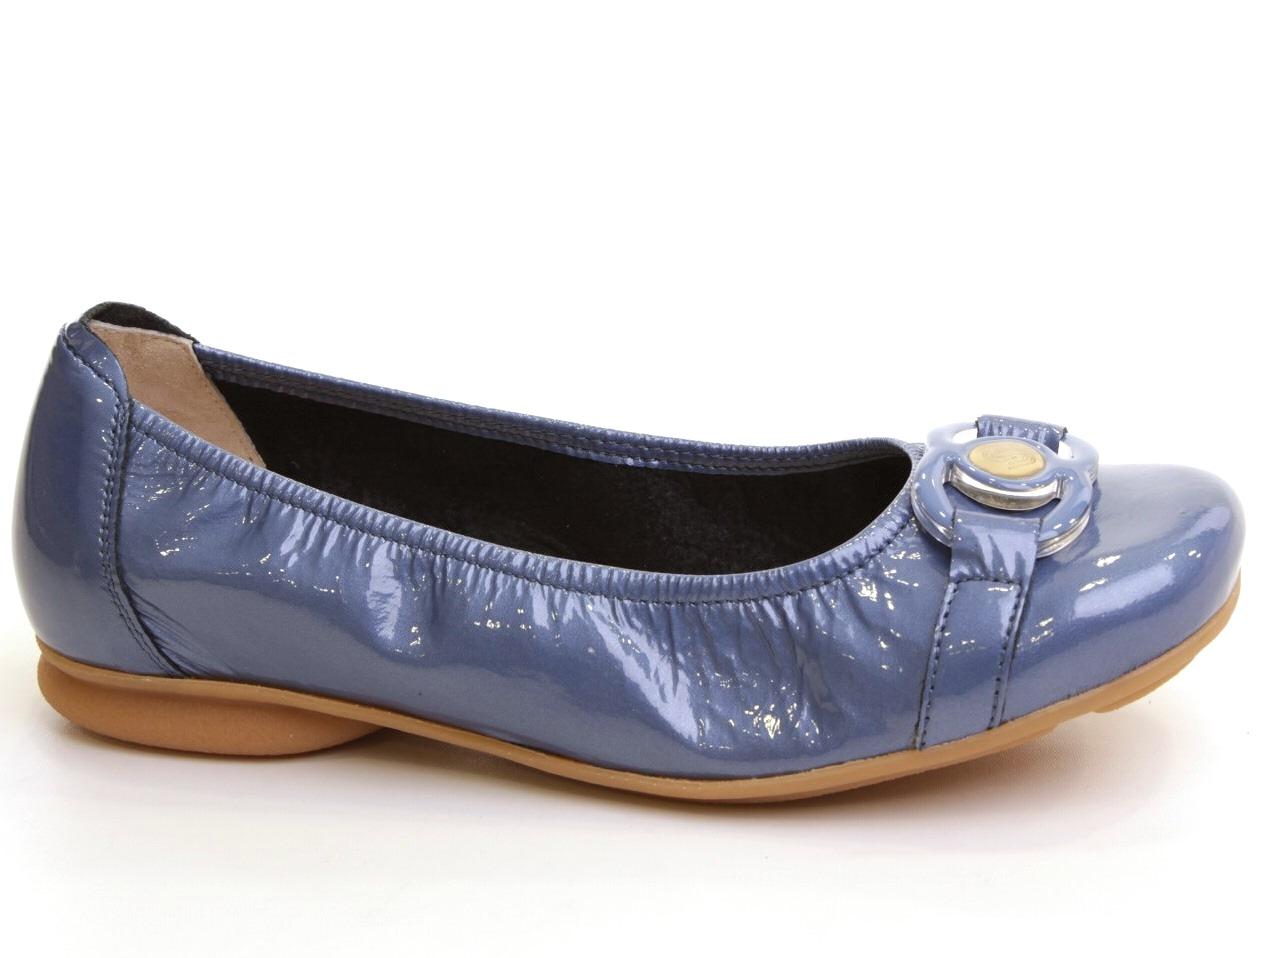 Zapatos Planos, Sabrinas, Mocassins Sabrinas - 445 40034